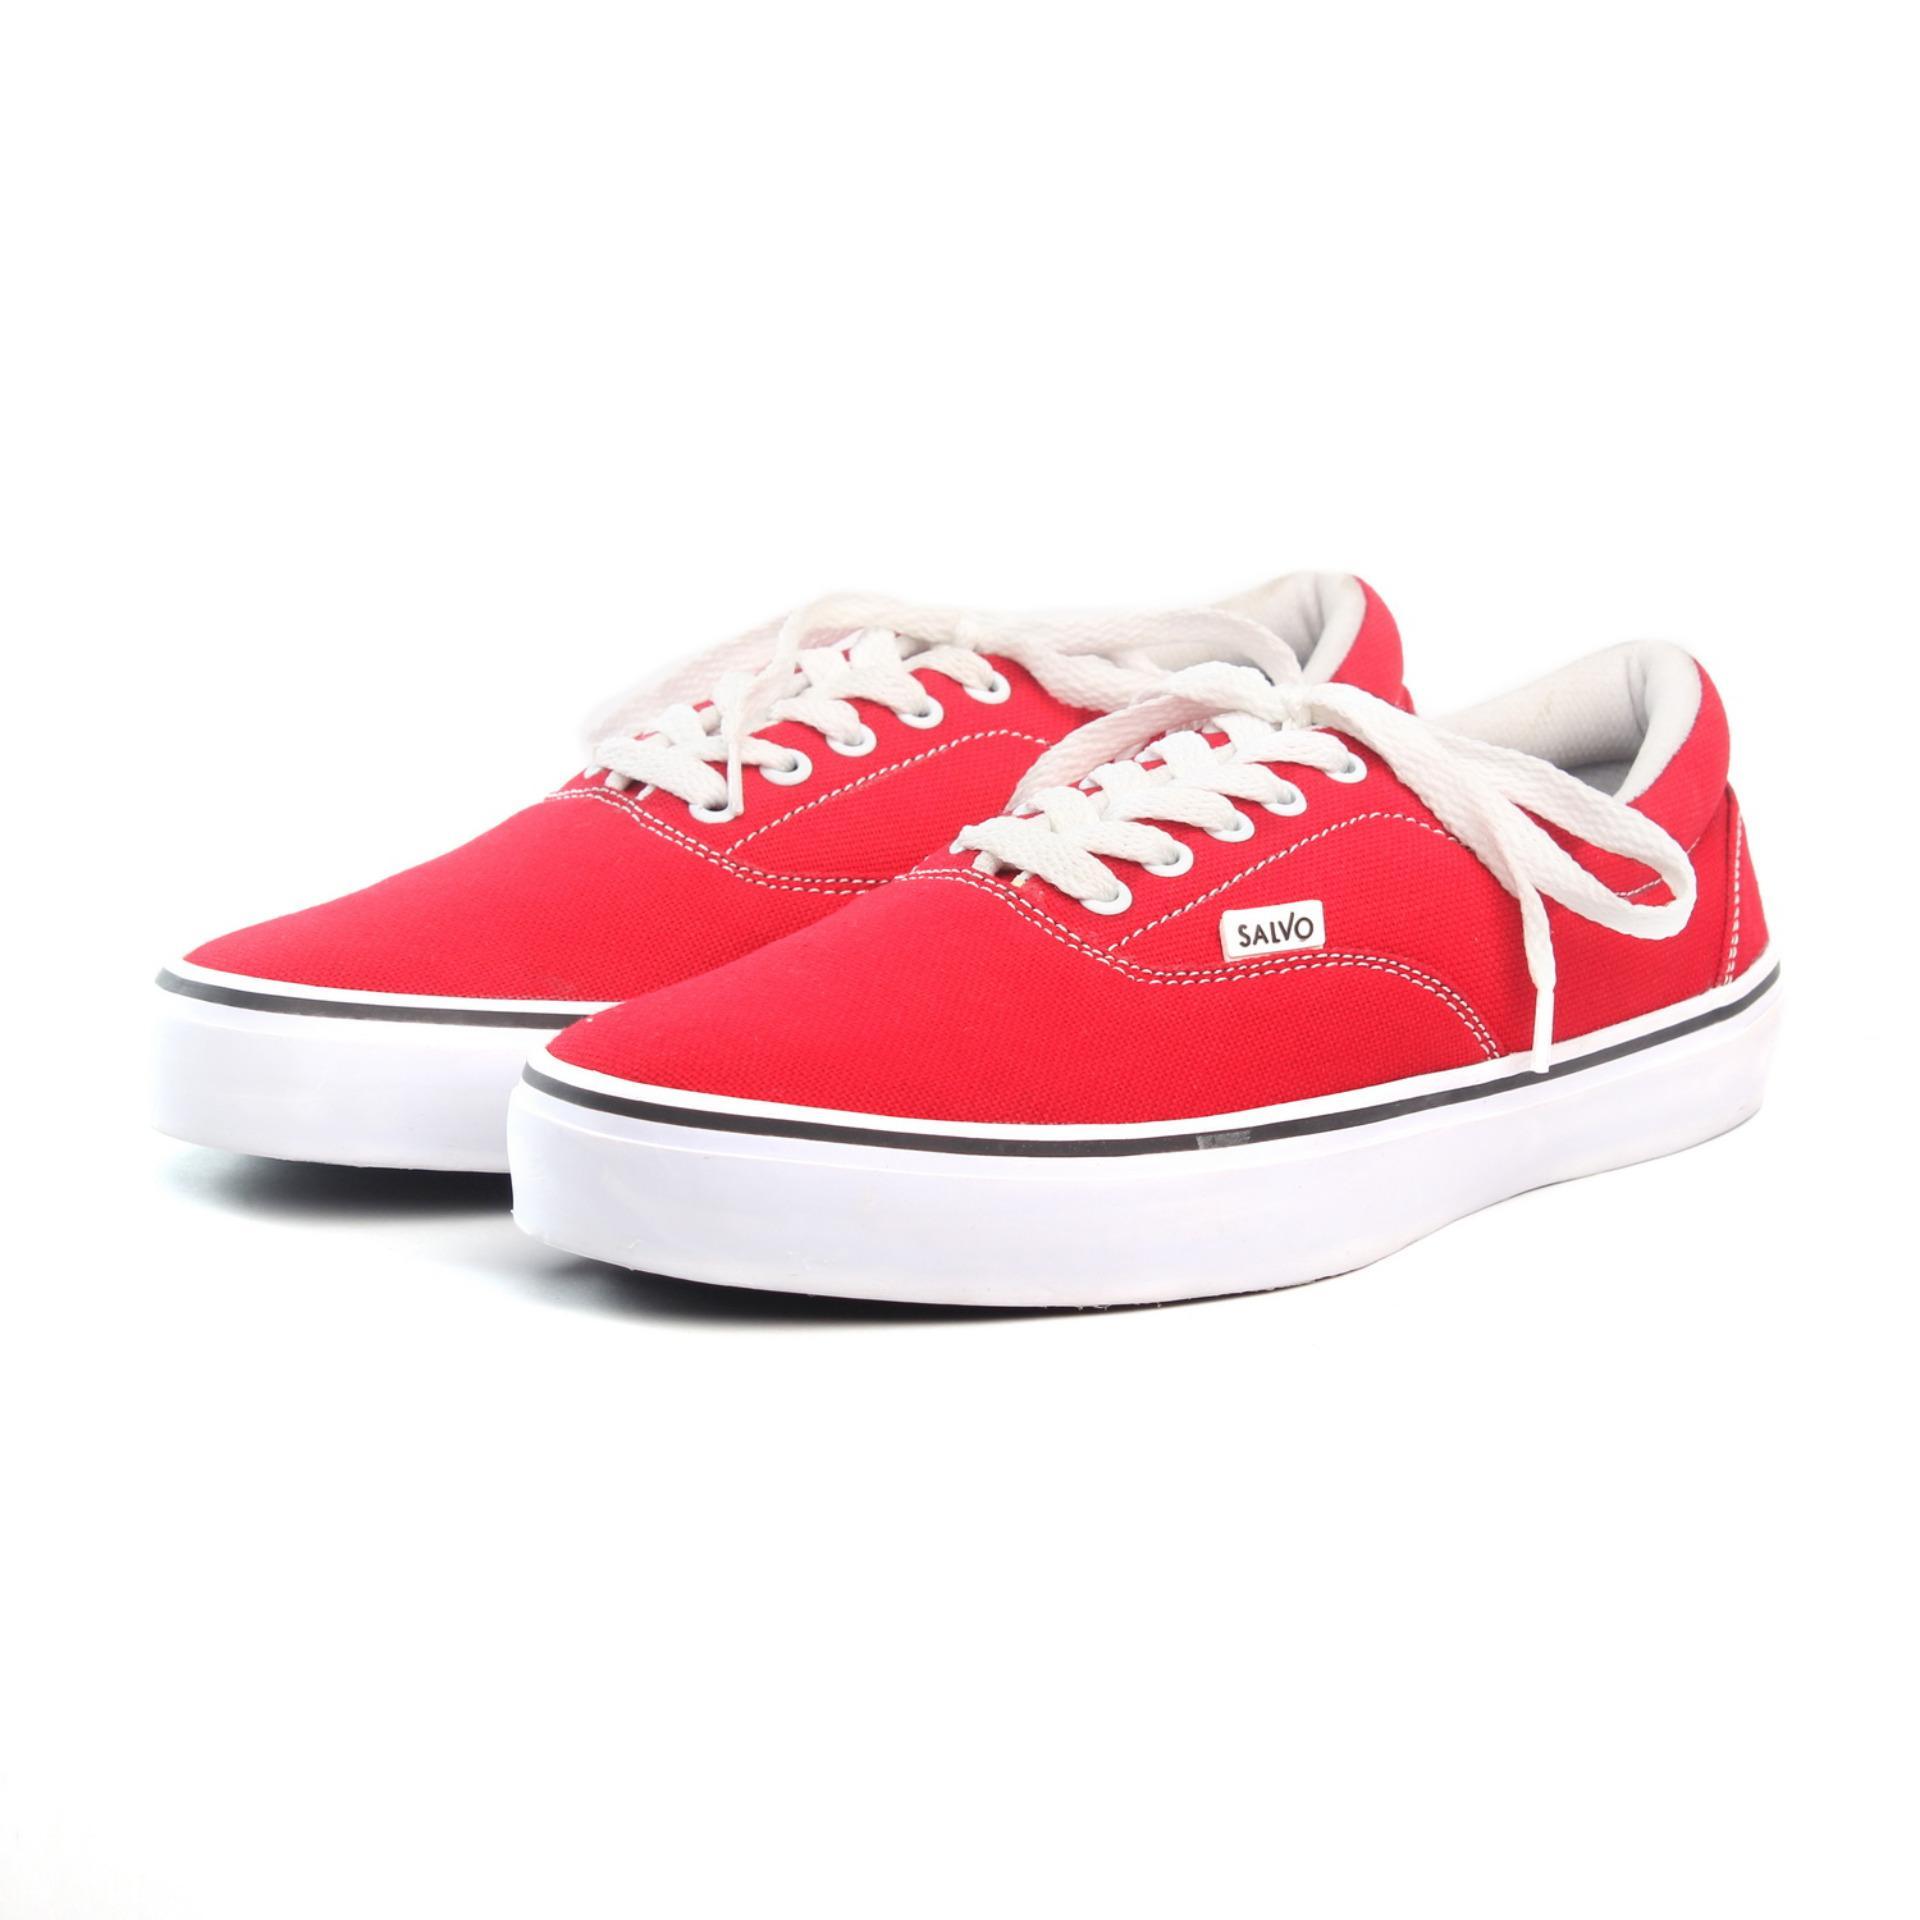 Promo Salvo Fashion Pria Sepatu Sepatu Pria Flat Shoes Flatshoes Sepatu Casual Sepatu Casual Pria Sepatu Cowo Sepatu Cowok Sepatu Flat Sepatu Murah Sepatu Pria Casual Sepatu Pria Murah Sepatu Sneakers Sepatu Sneakers Pria A03 Merah Di Jawa Timur